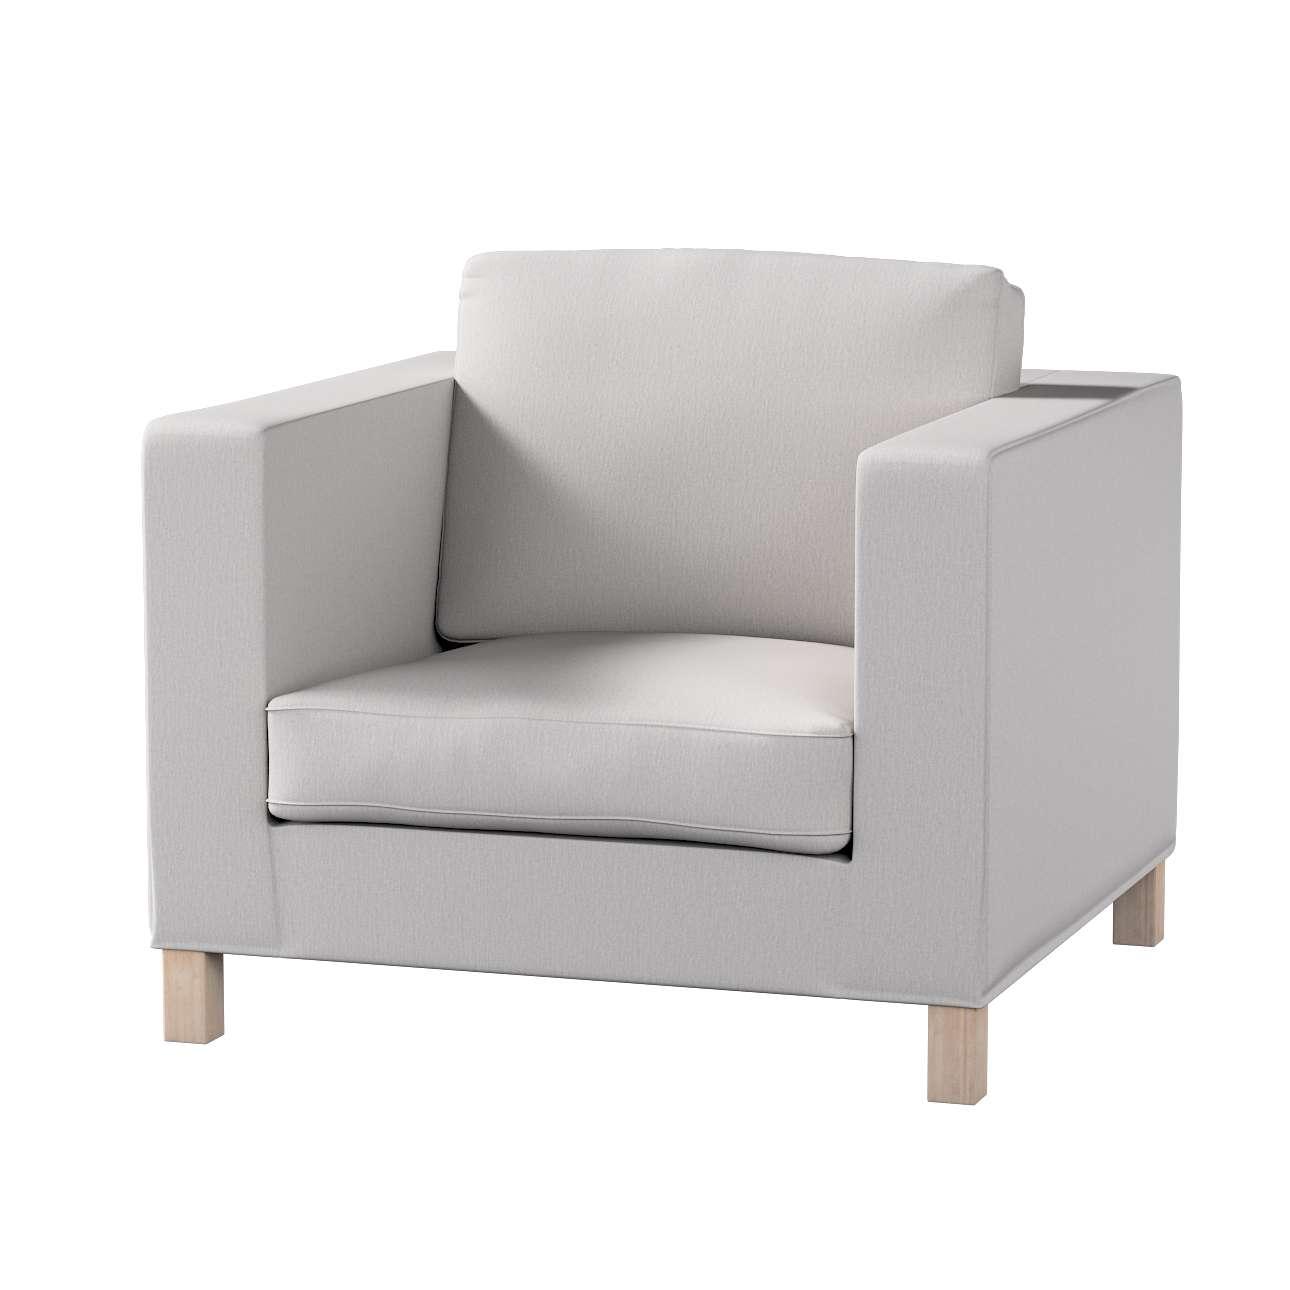 KARLANDA fotelio užvalkalas KARLANDA fotelio užvalkalas kolekcijoje Chenille, audinys: 702-23